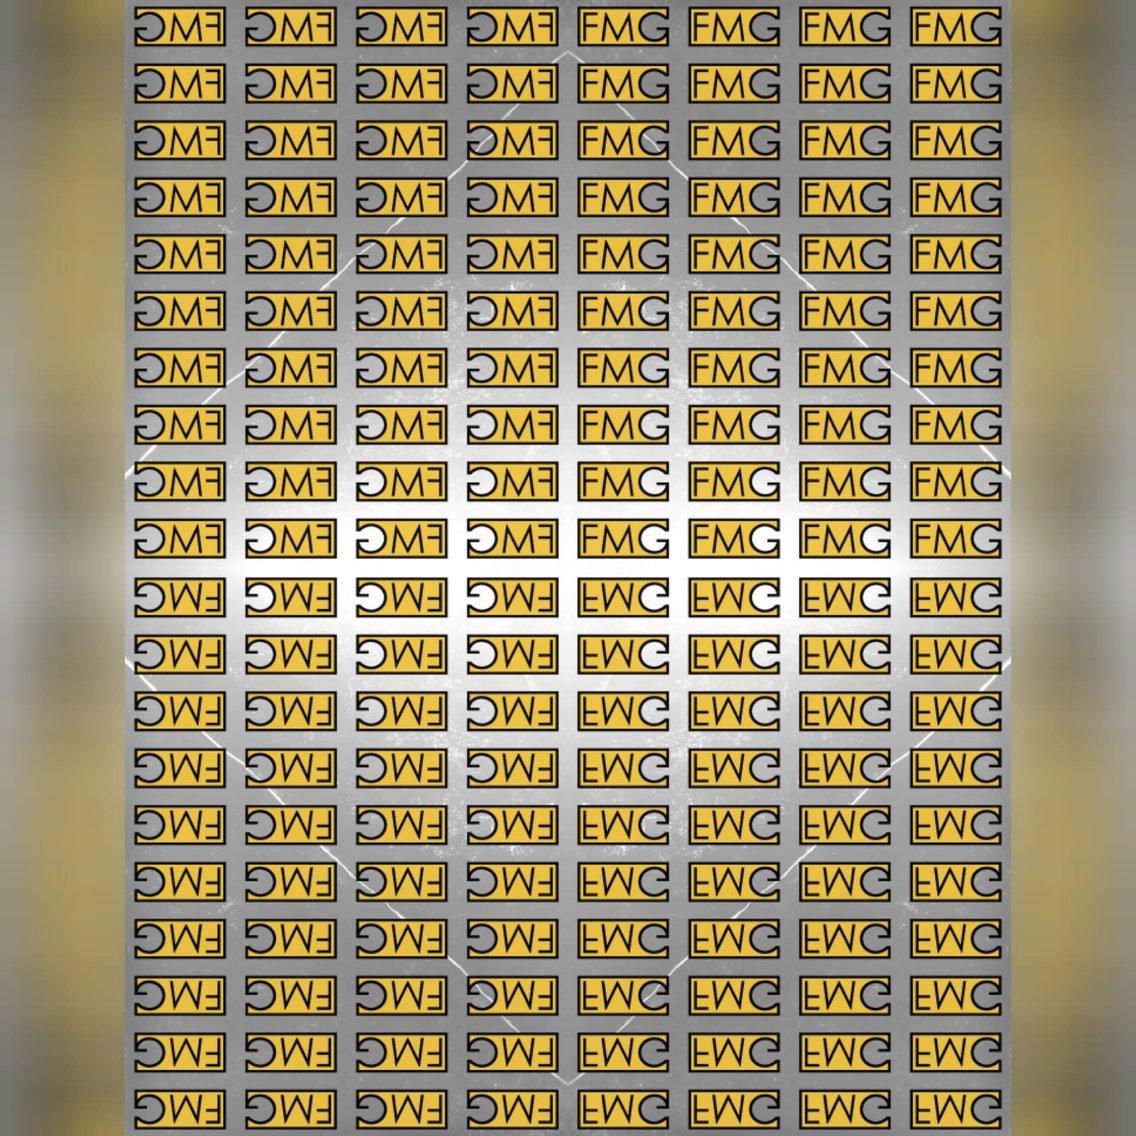 Itaria He Ikitai x FMG - imagen de portada